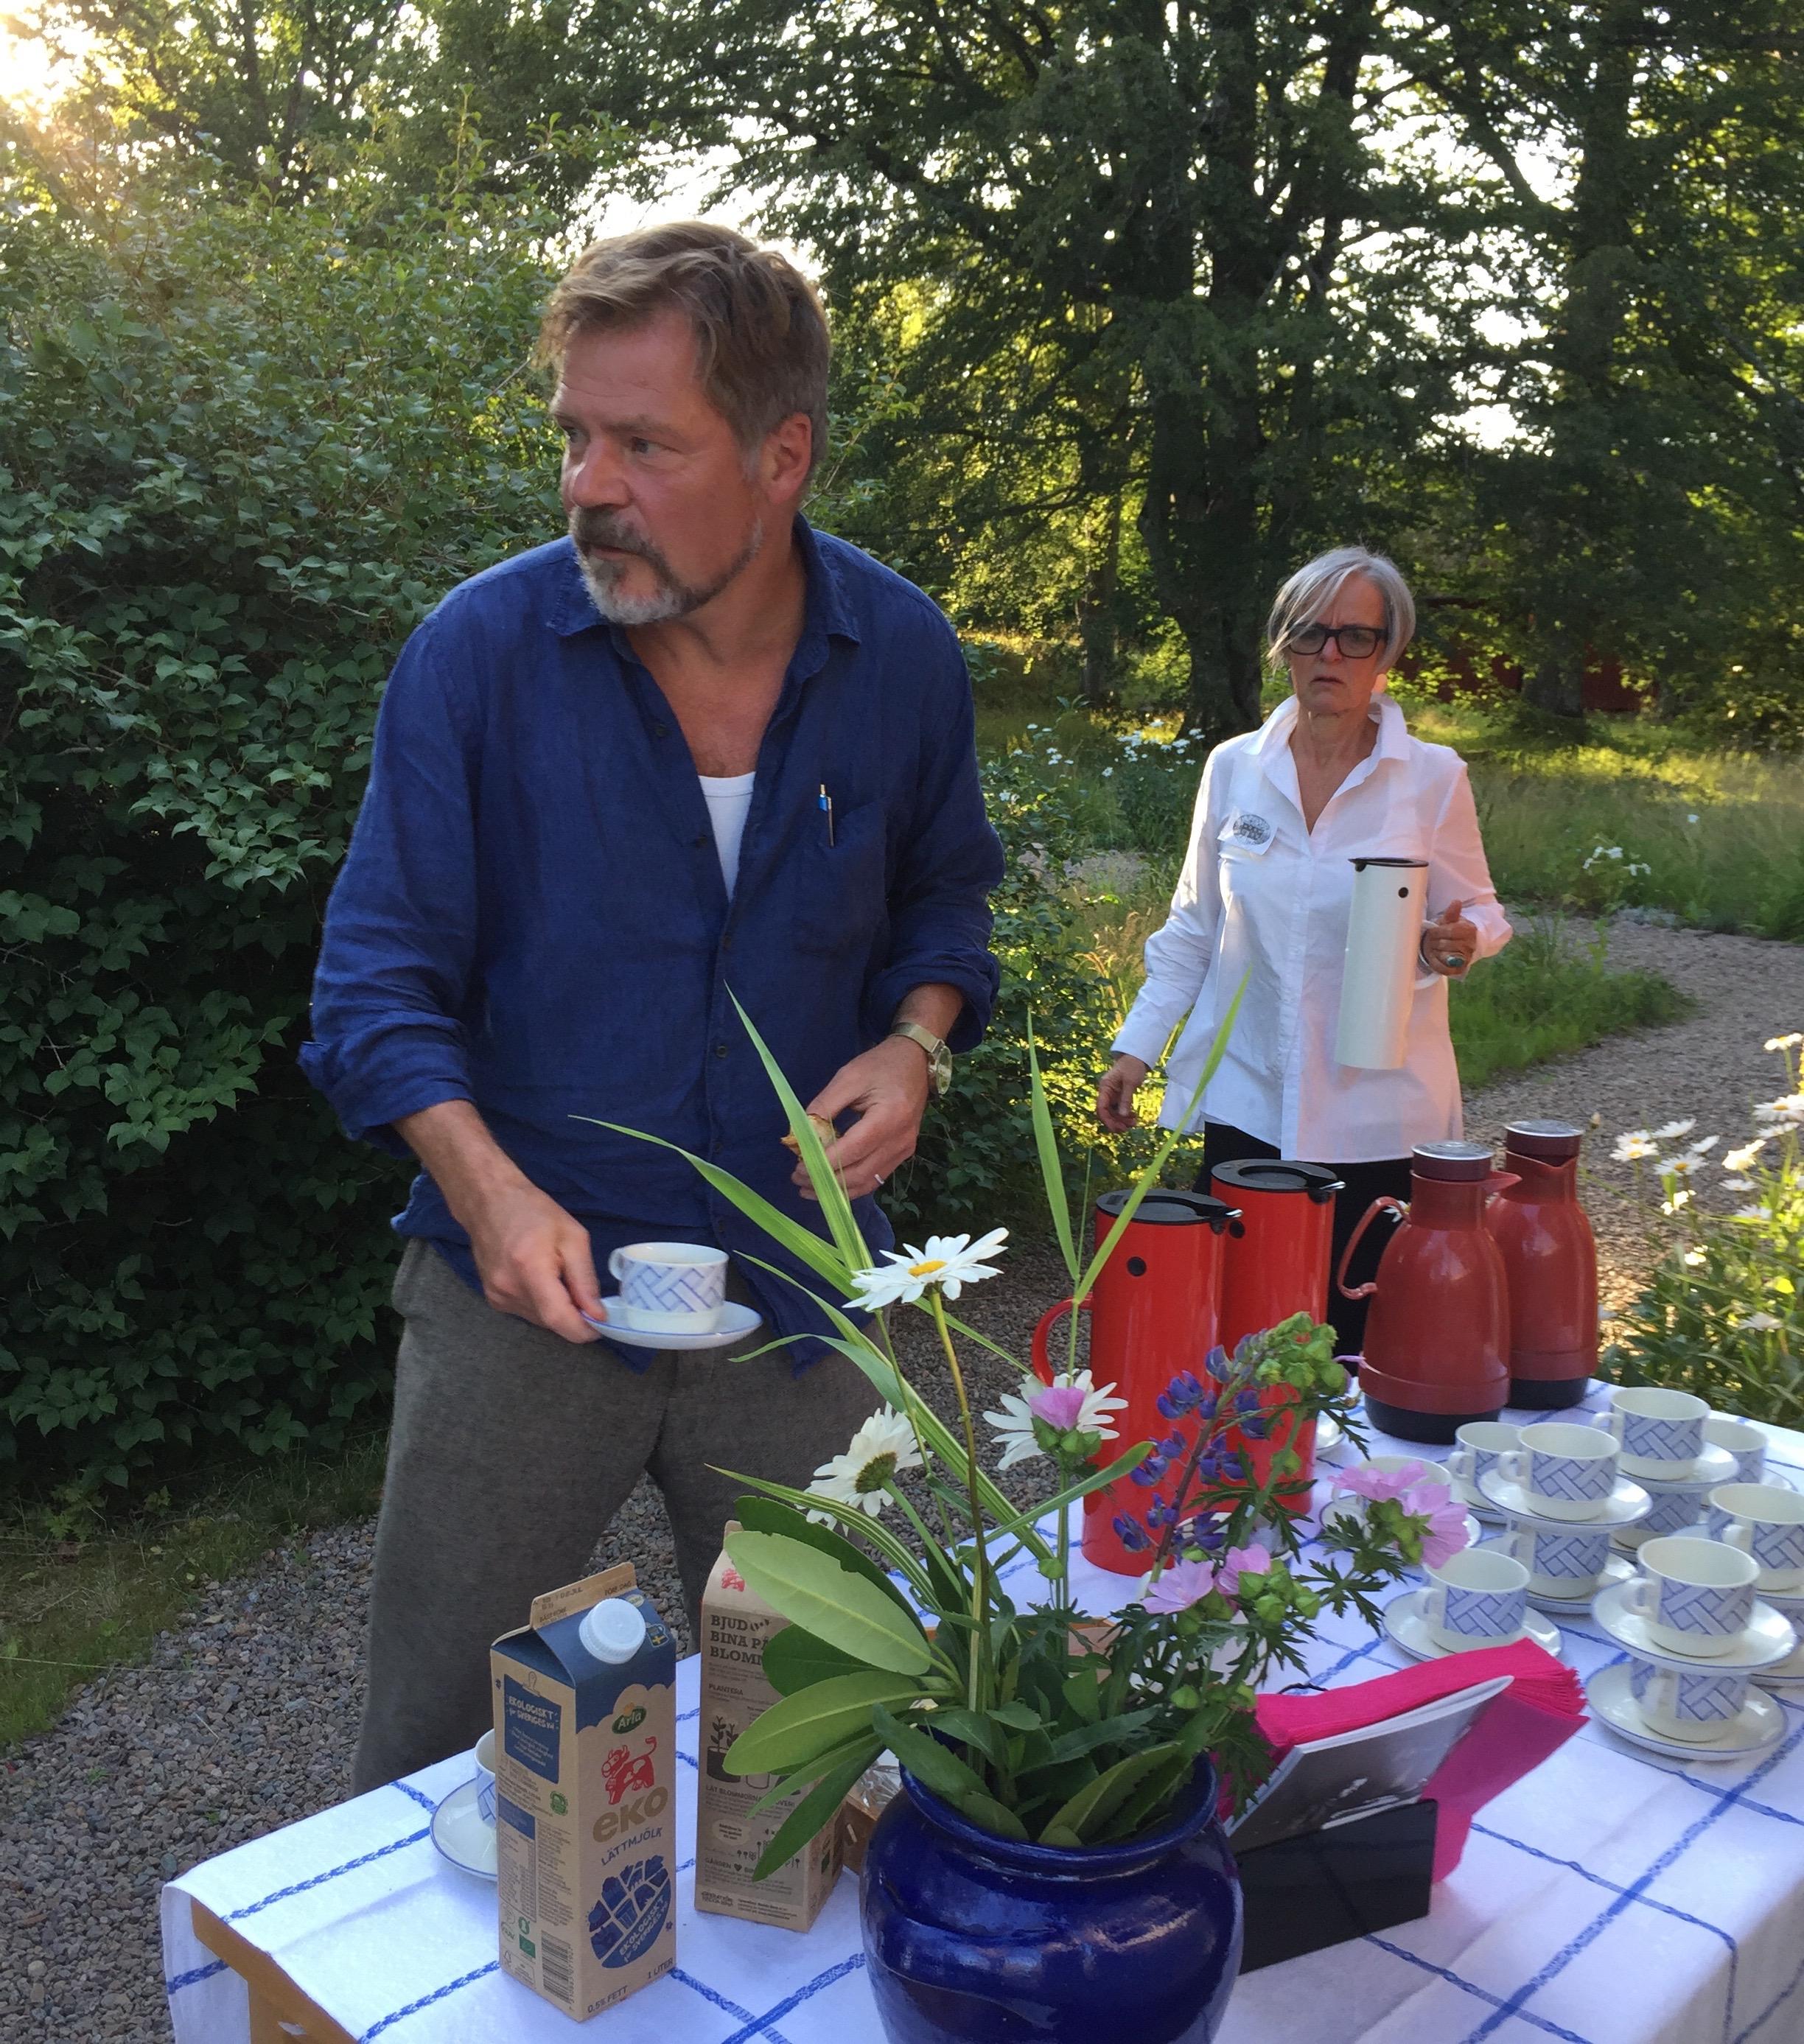 Kristoffer i trädgården vid fikat efter föreläsningen.